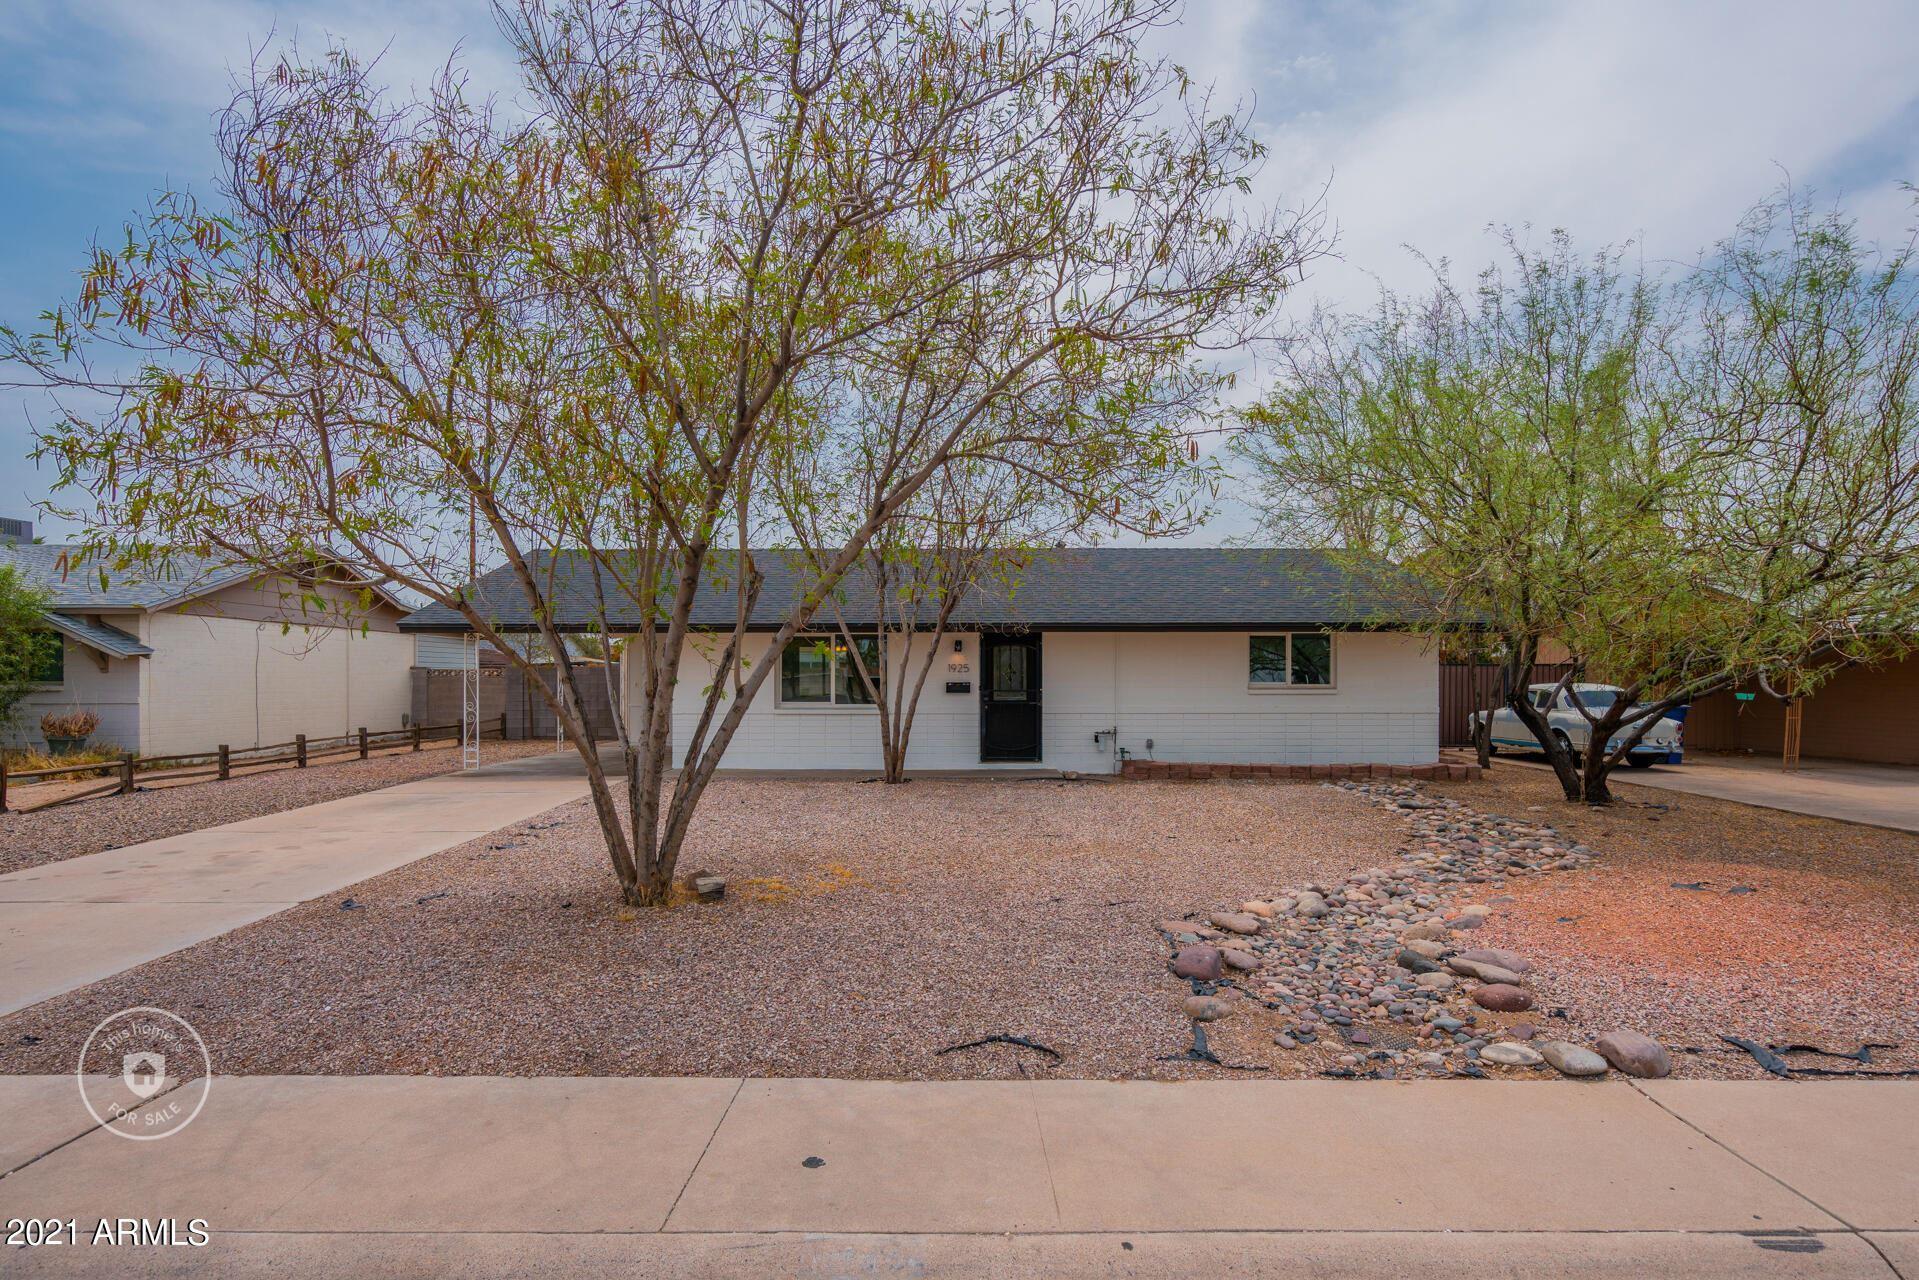 1925 E PALMCROFT Drive, Tempe, AZ 85282 - MLS#: 6264161